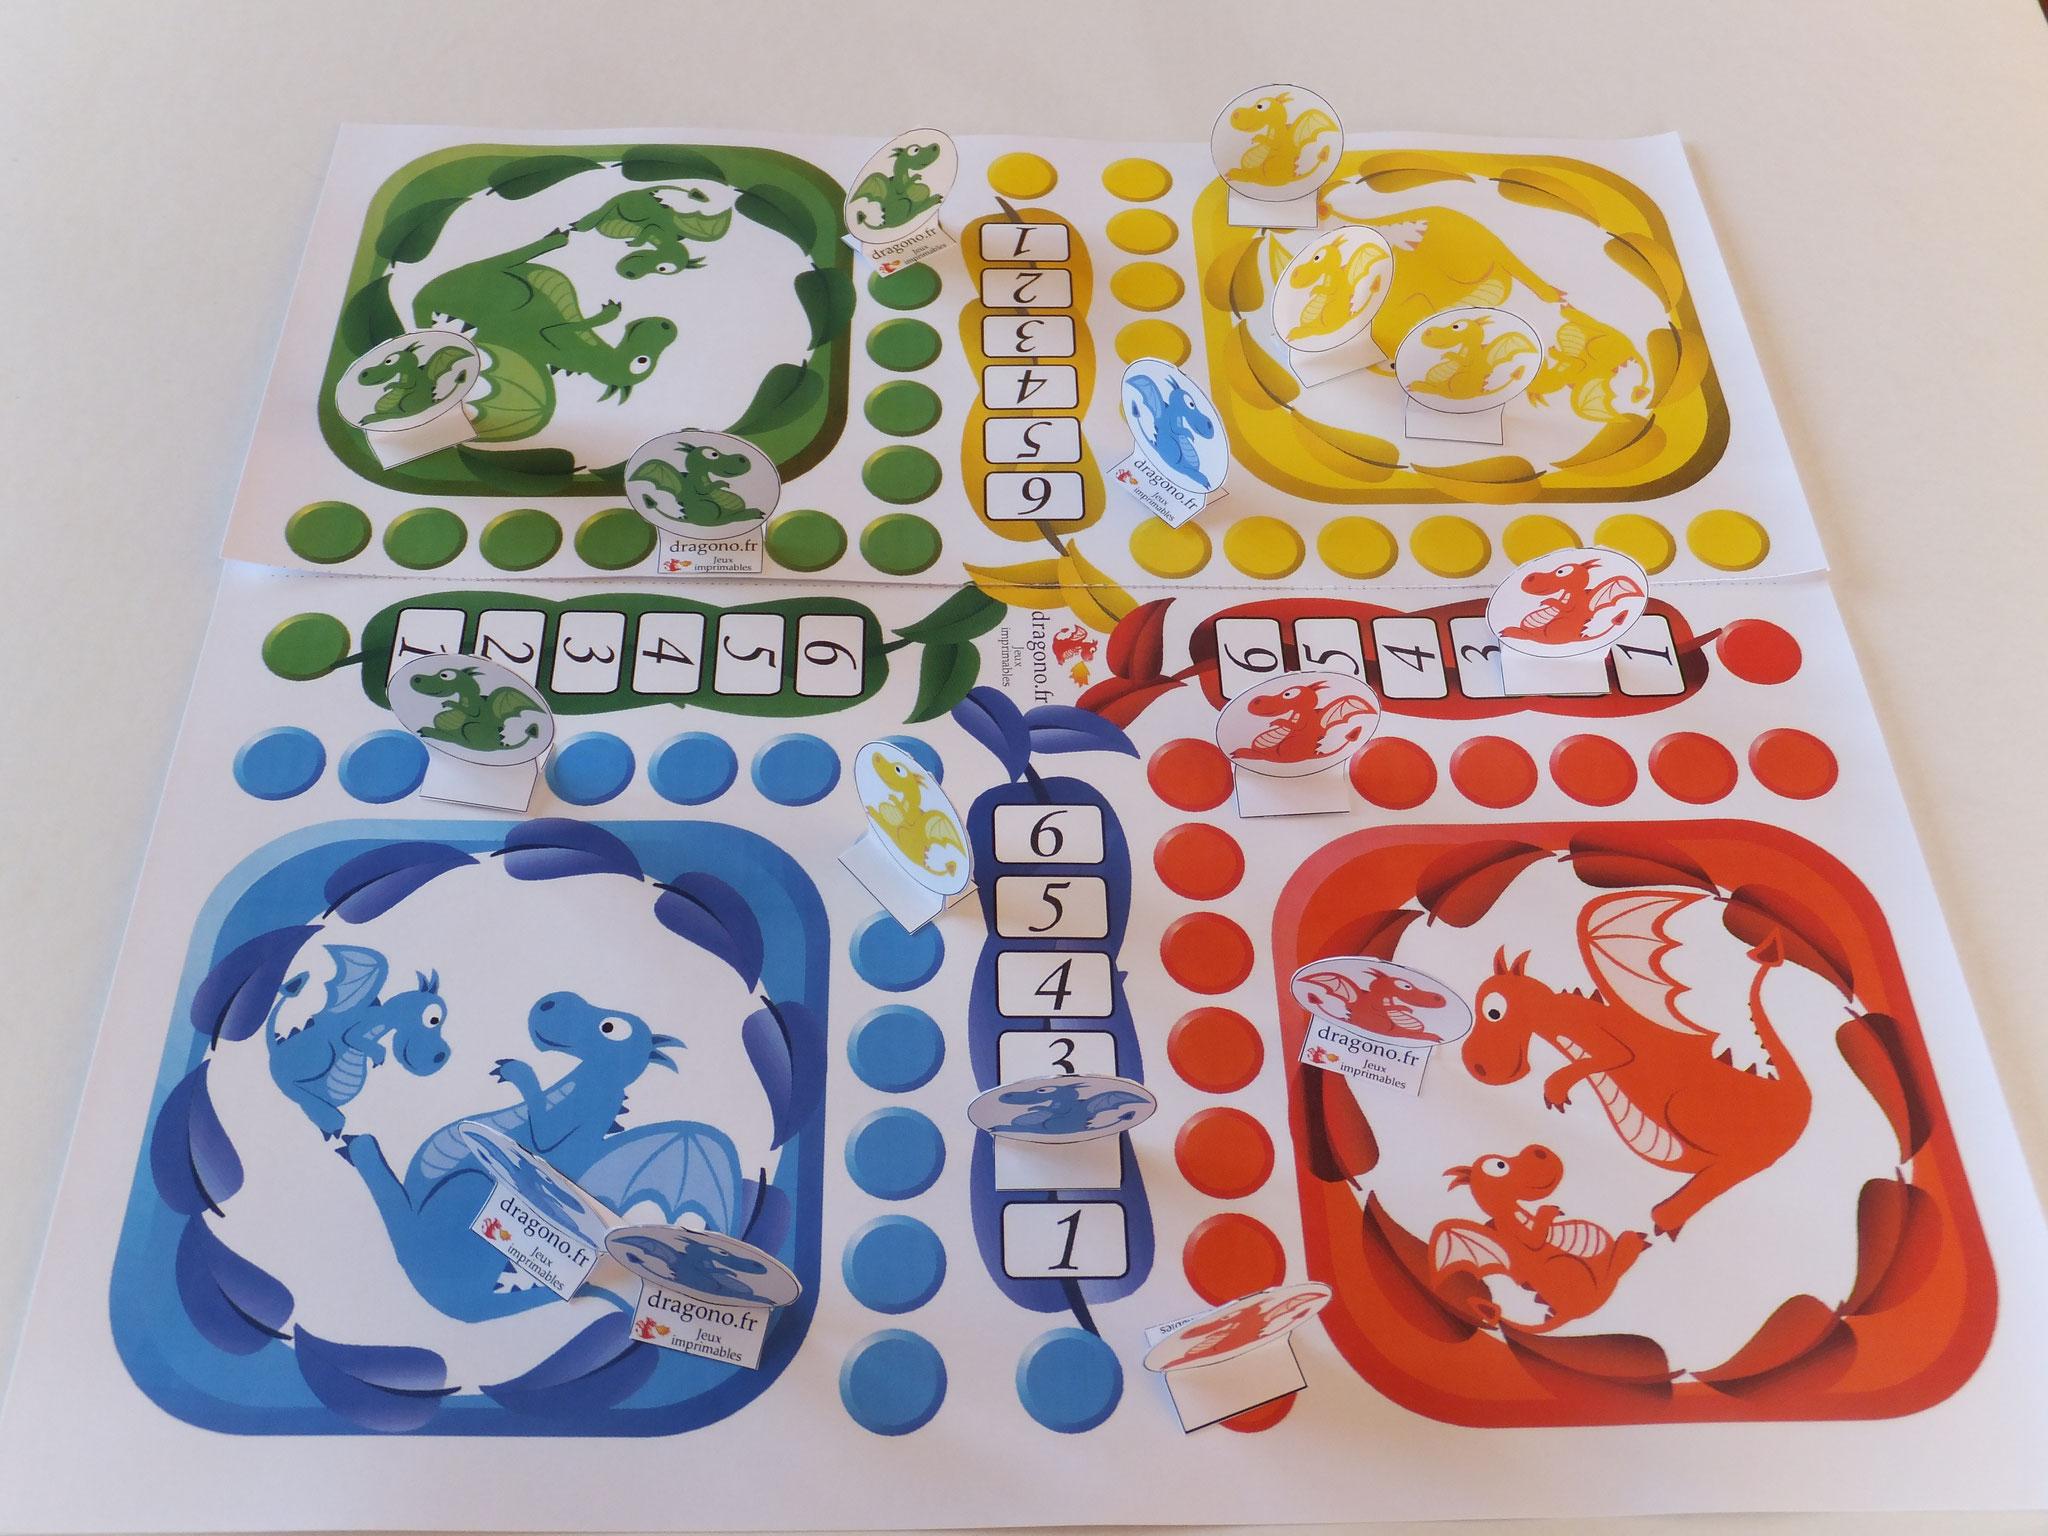 Jeux A Imprimer Pour Enfants, Famille, Ludiques, Éducatifs encequiconcerne Jeux Gratuits À Imprimer Pour Adultes